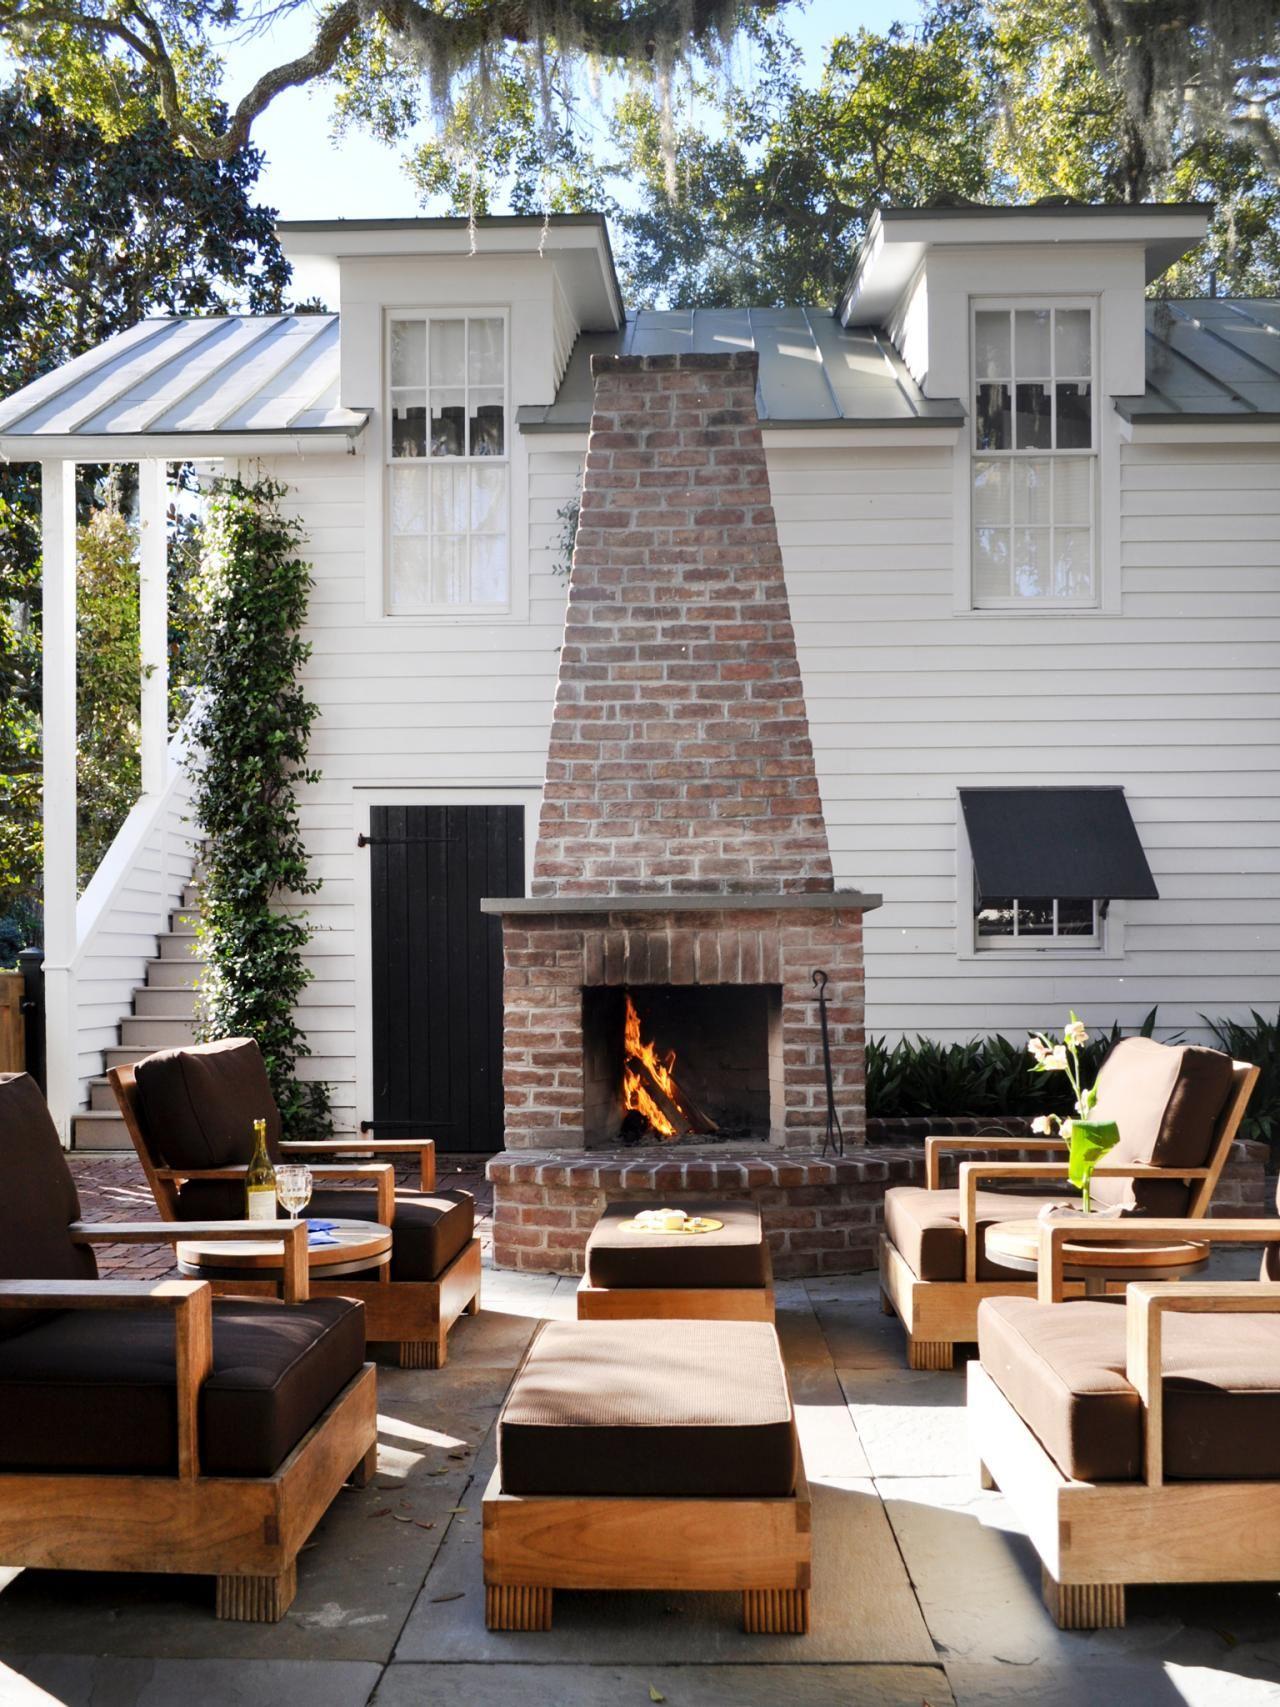 diy outdoor fireplaces   diy outdoor fireplace, fireplace kits and